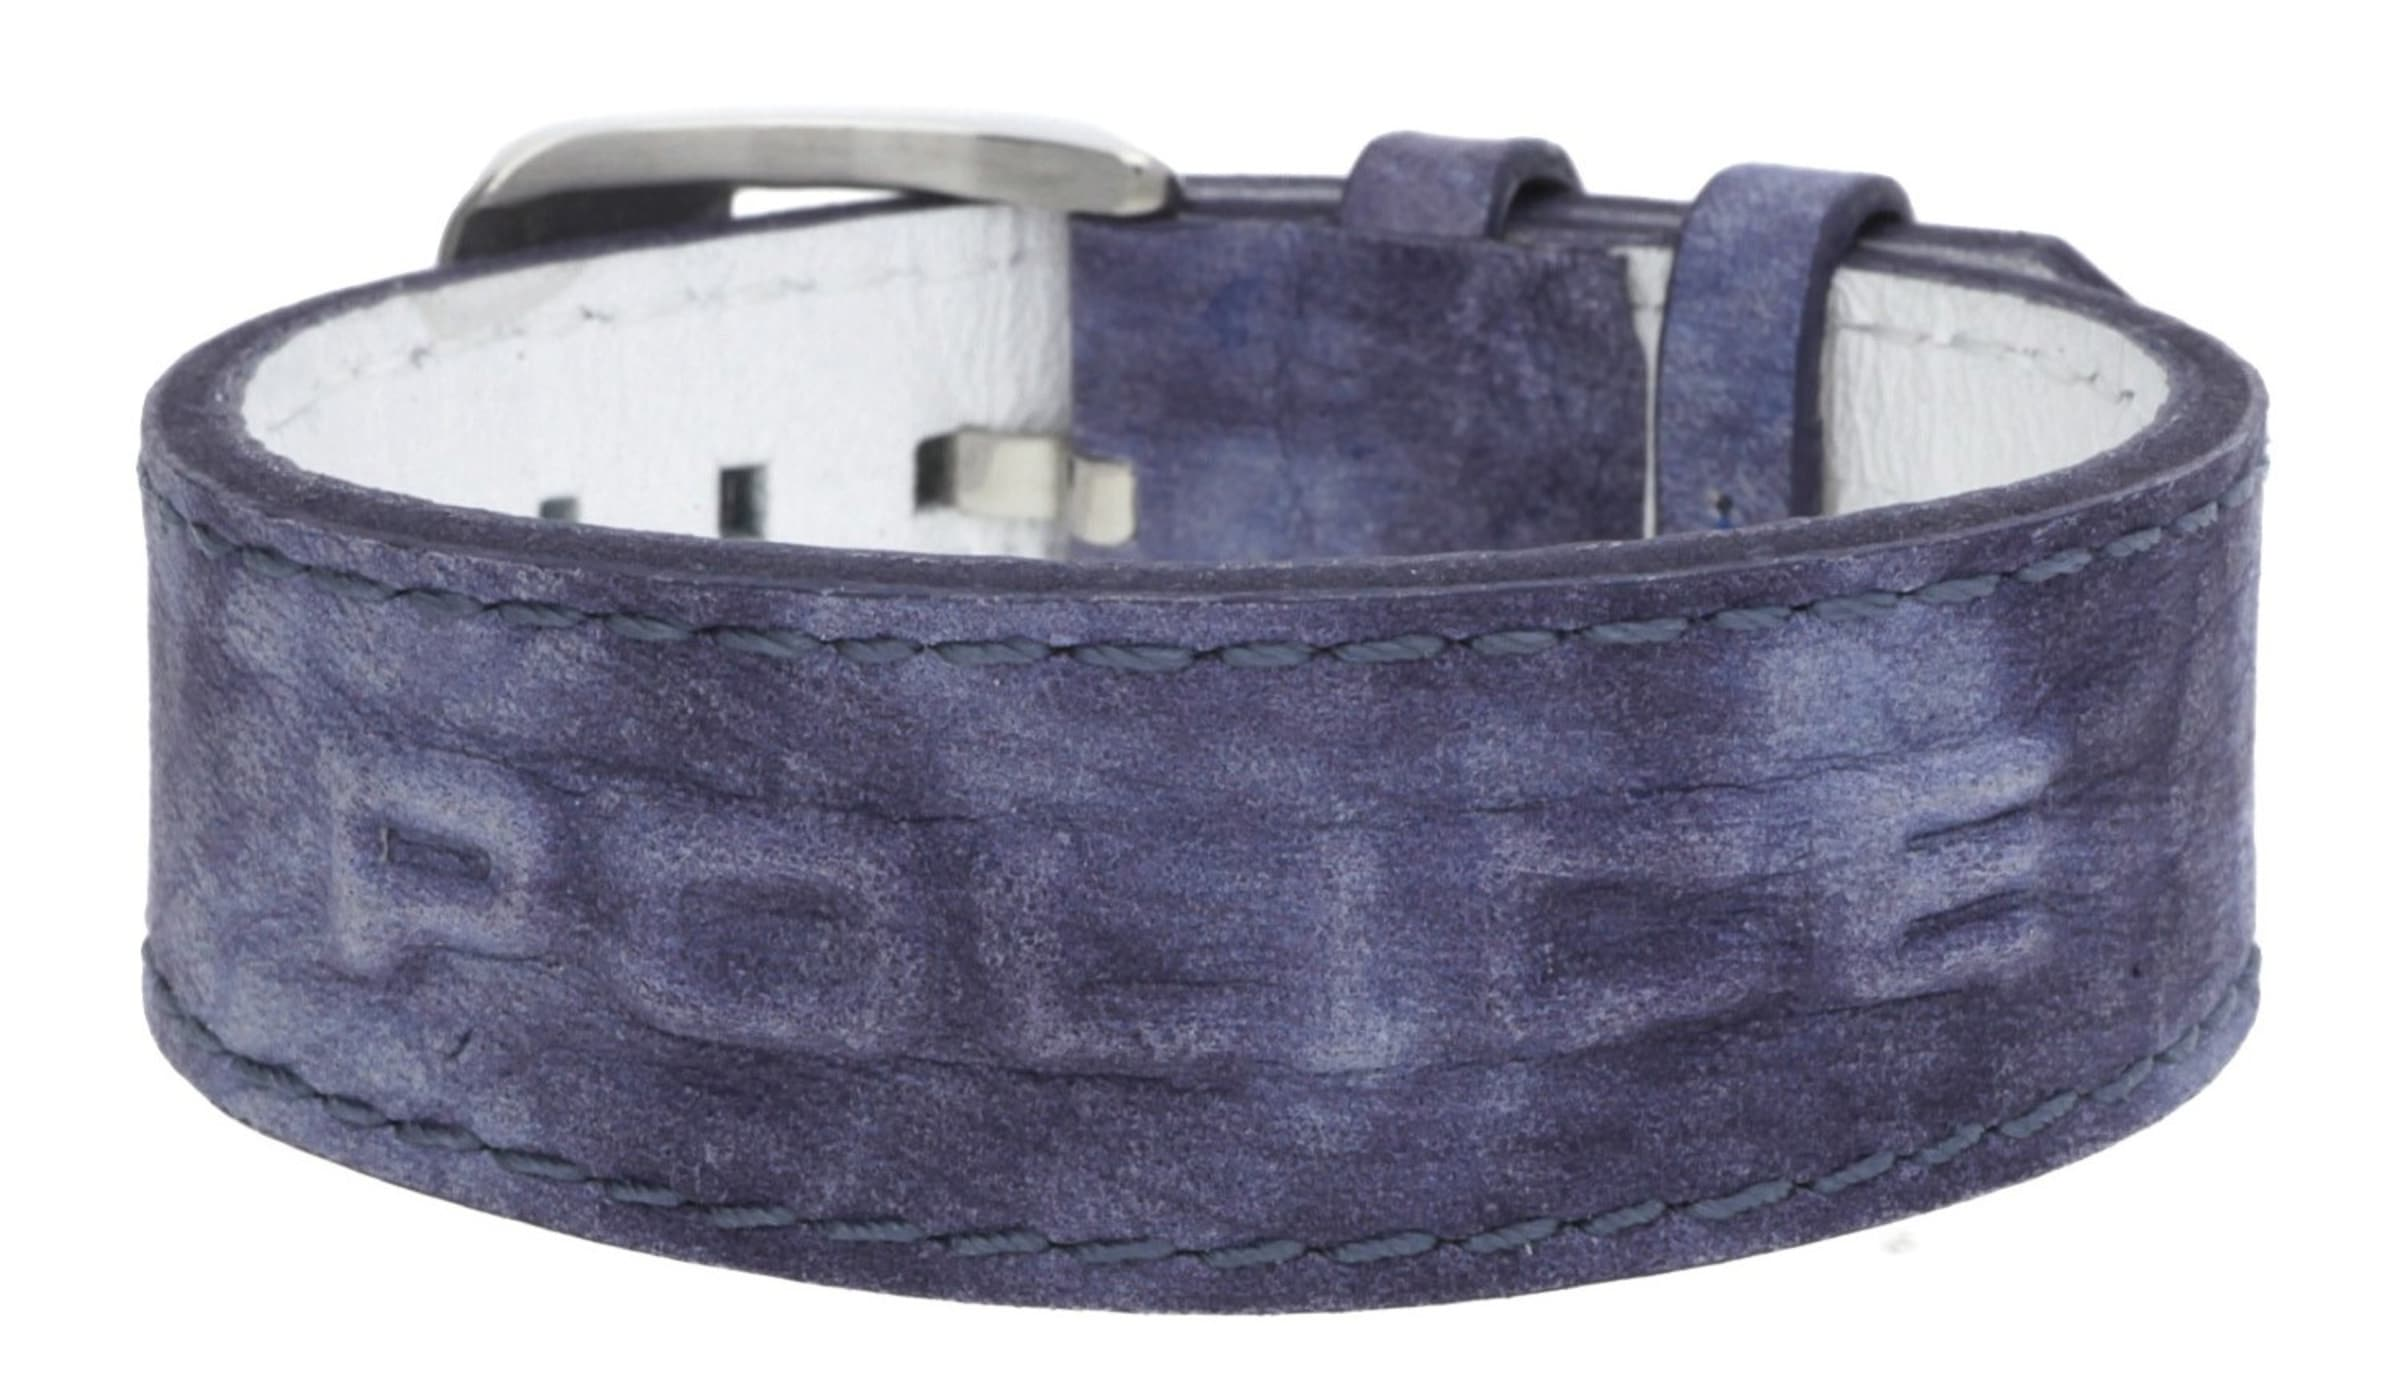 POLICE Armband CHORD PJ24292BLN-03 mit lässigem Look Verkauf Truhe Bilder Finden Online-Großen Verkauf F9dGuIUDW